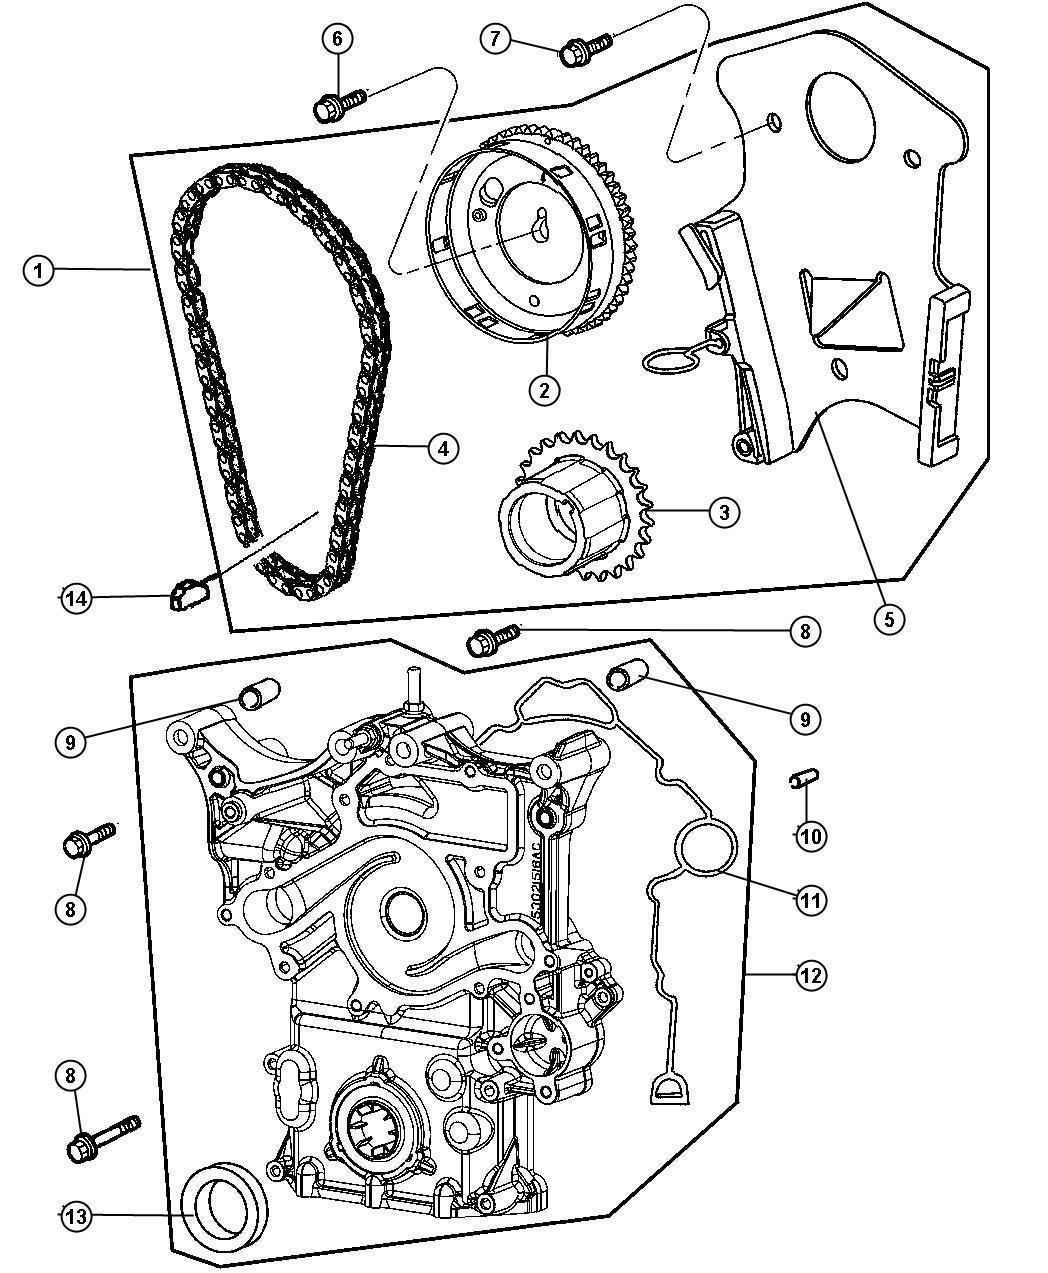 Dodge Ram 1500 Timing drive kit. Engine. Mega cab, quad